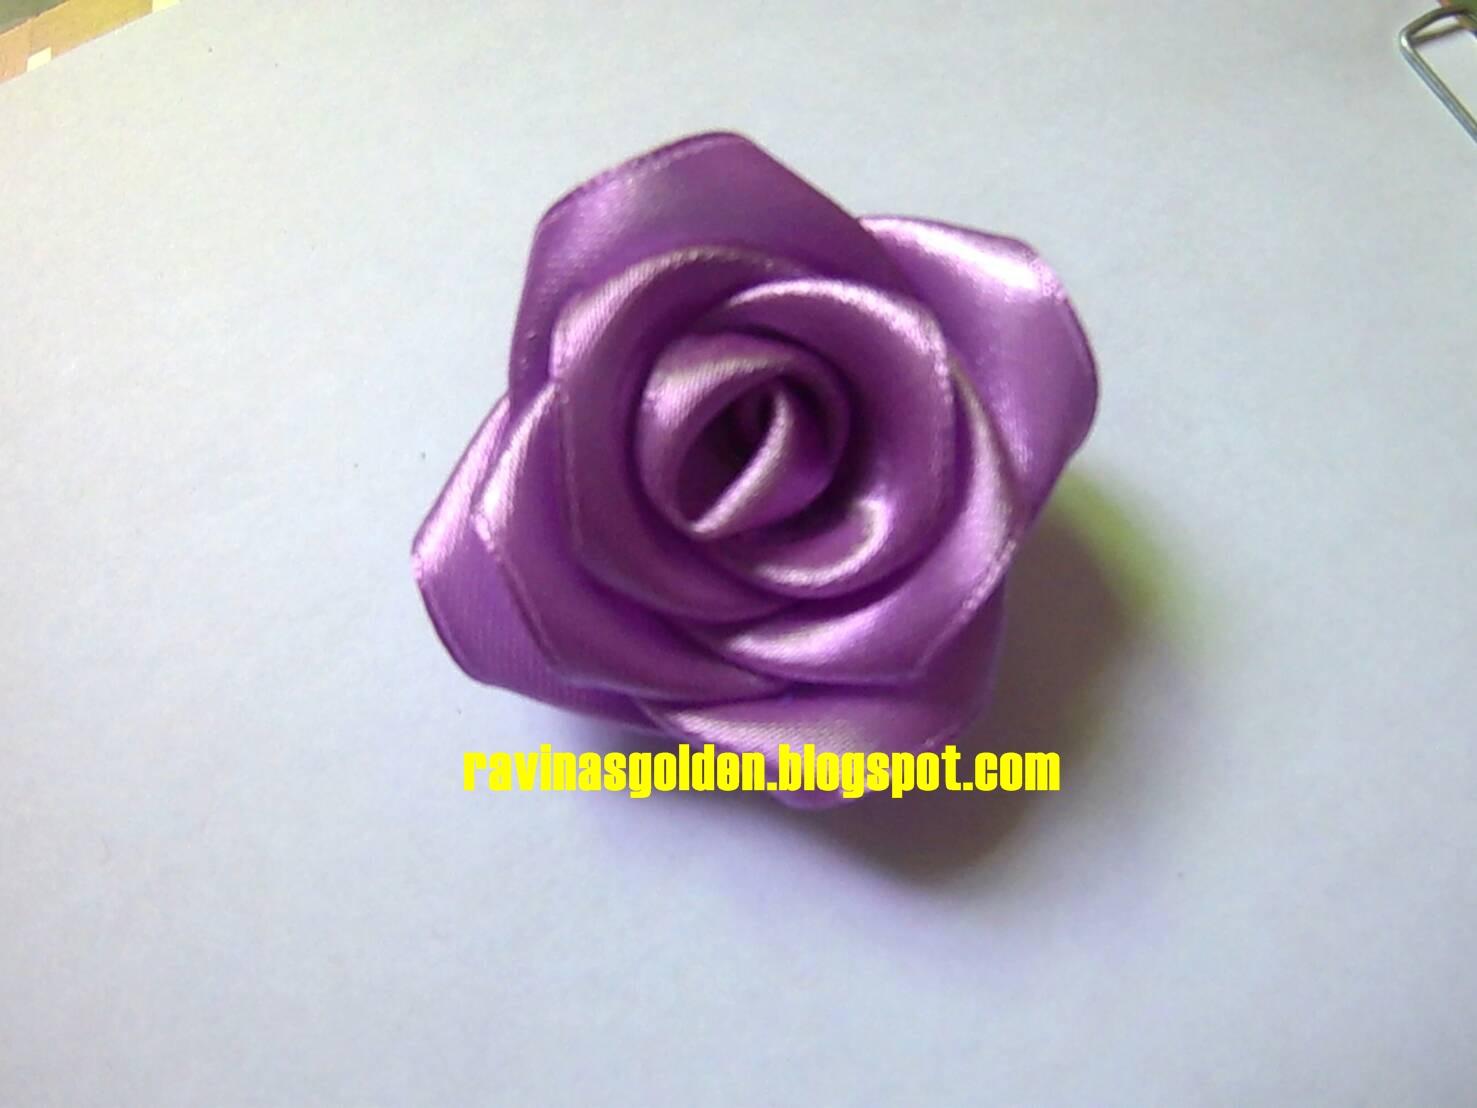 Ravina's Golden : Cara Mudah Membuat Bunga Cantik Dari ... - photo#36